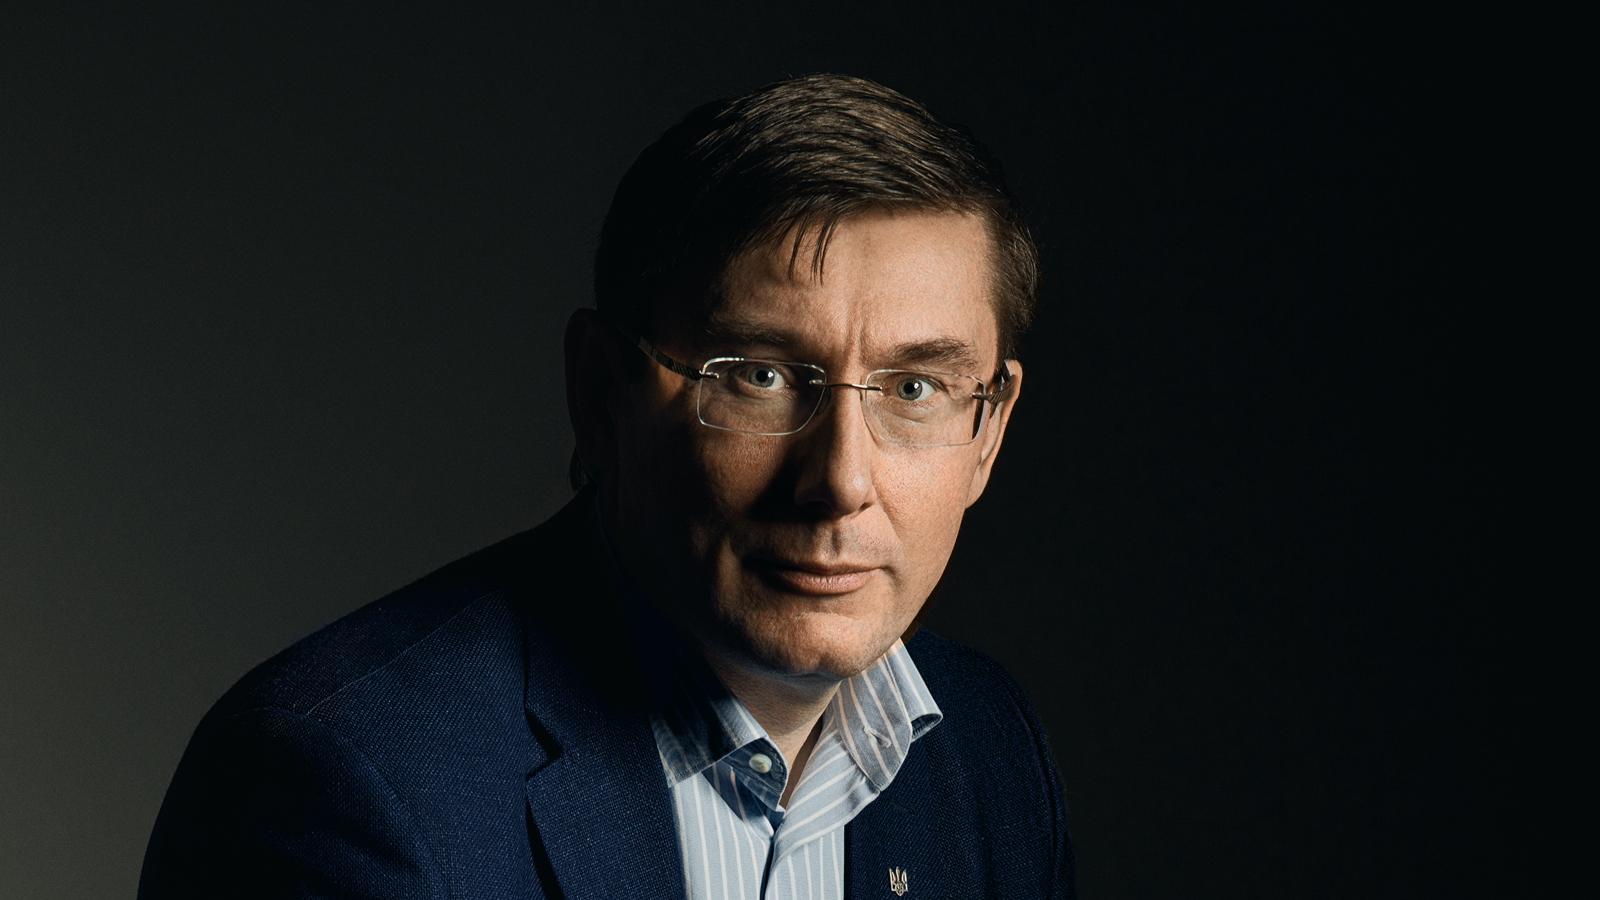 Луценко: Блок Петра Порошенко определился с кандидатурой на пост премьера